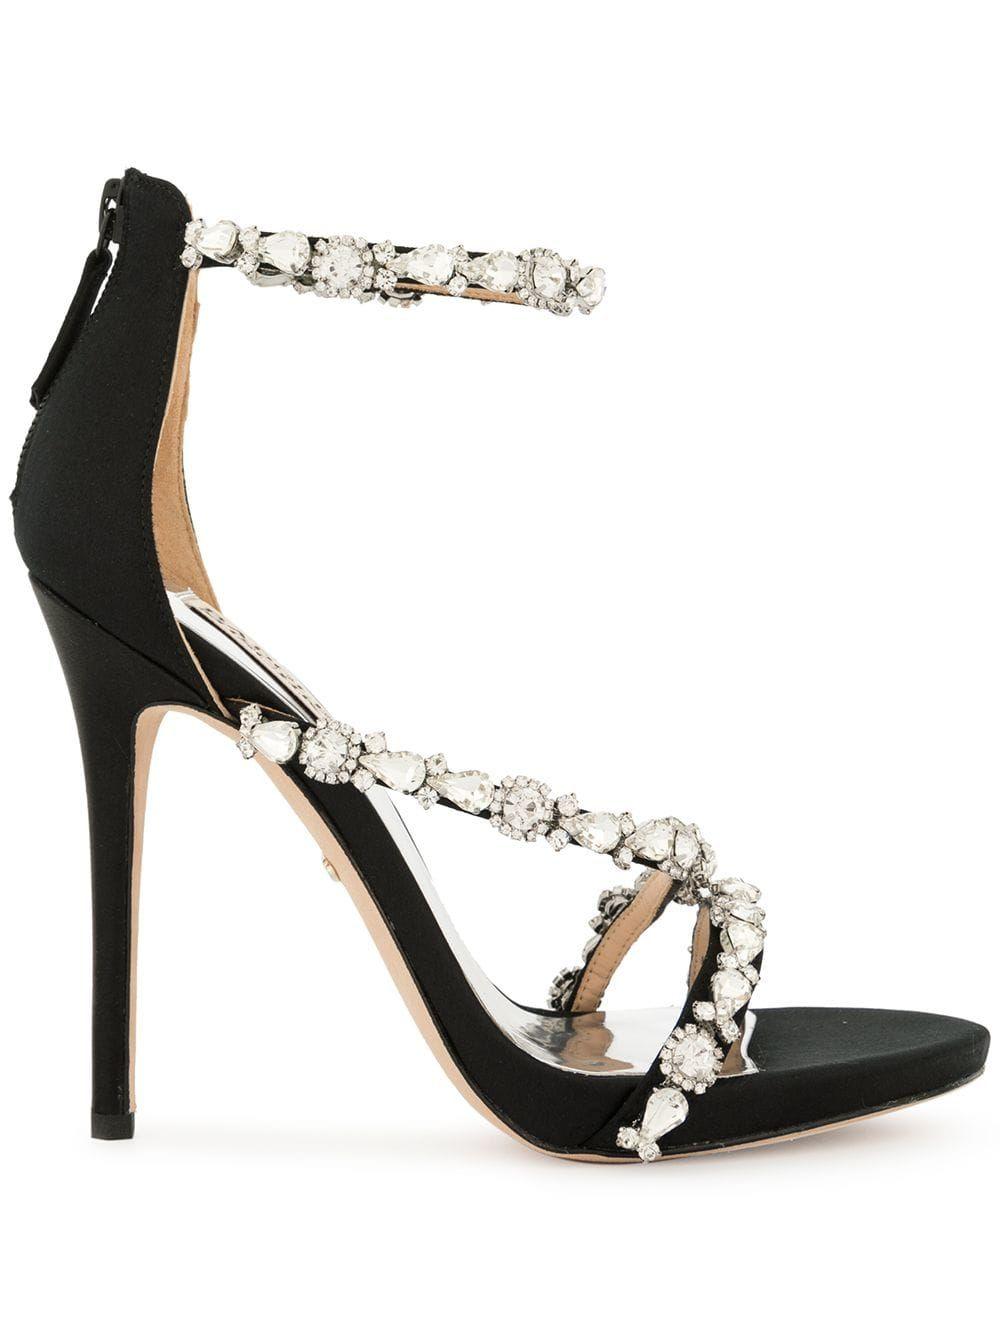 Embellished sandals, Heels